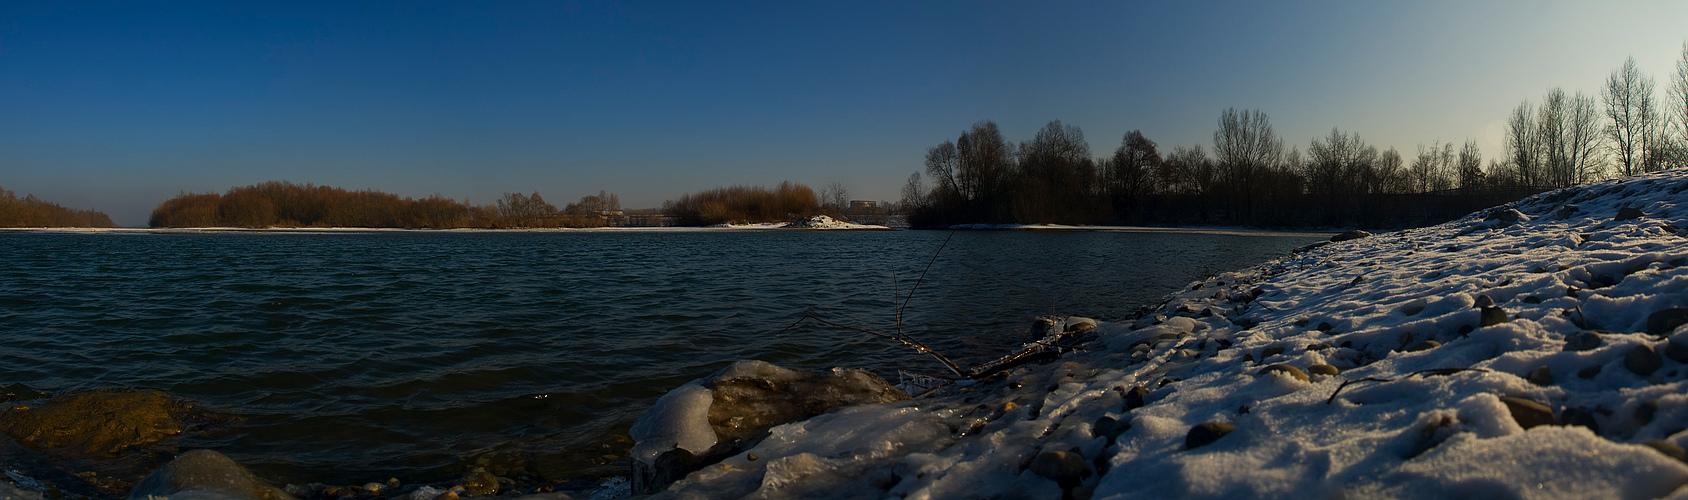 in Gambsheim am Rhein mit eisigem Nordwind